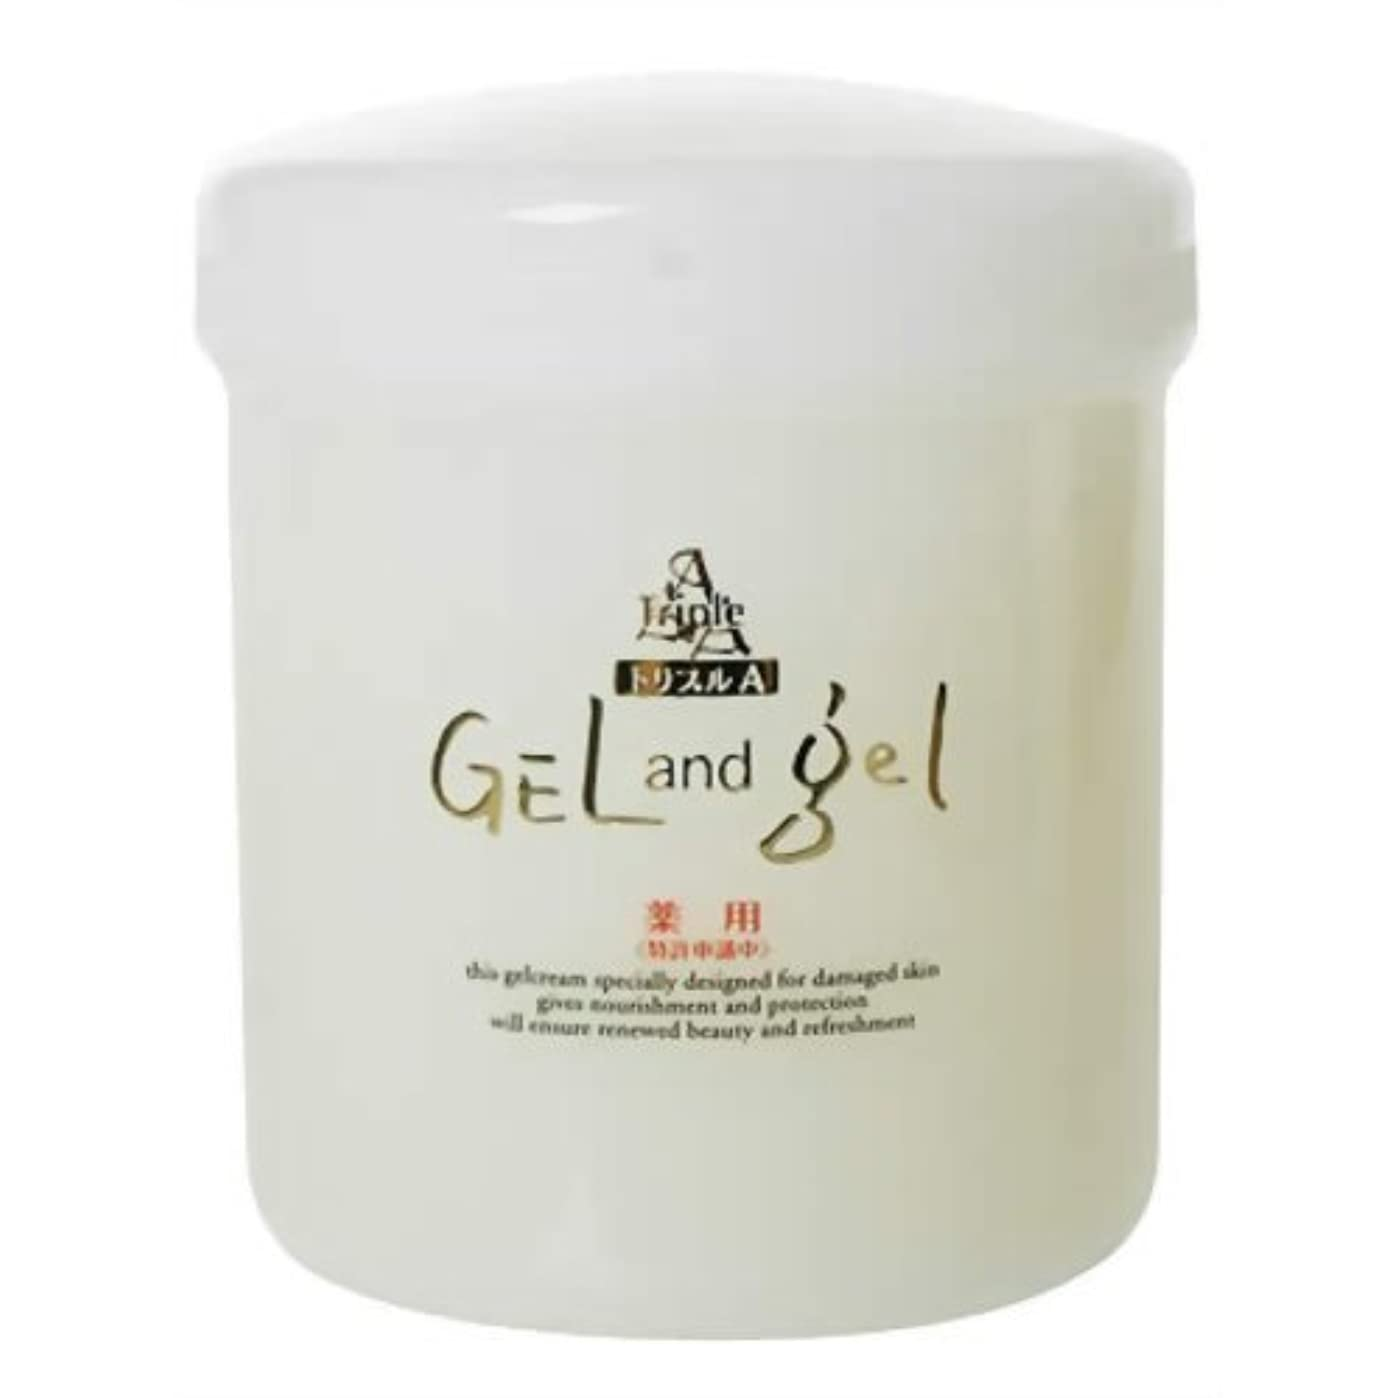 敏感な技術香水薬用トリプルA ゲル&ゲル クリーム 500g